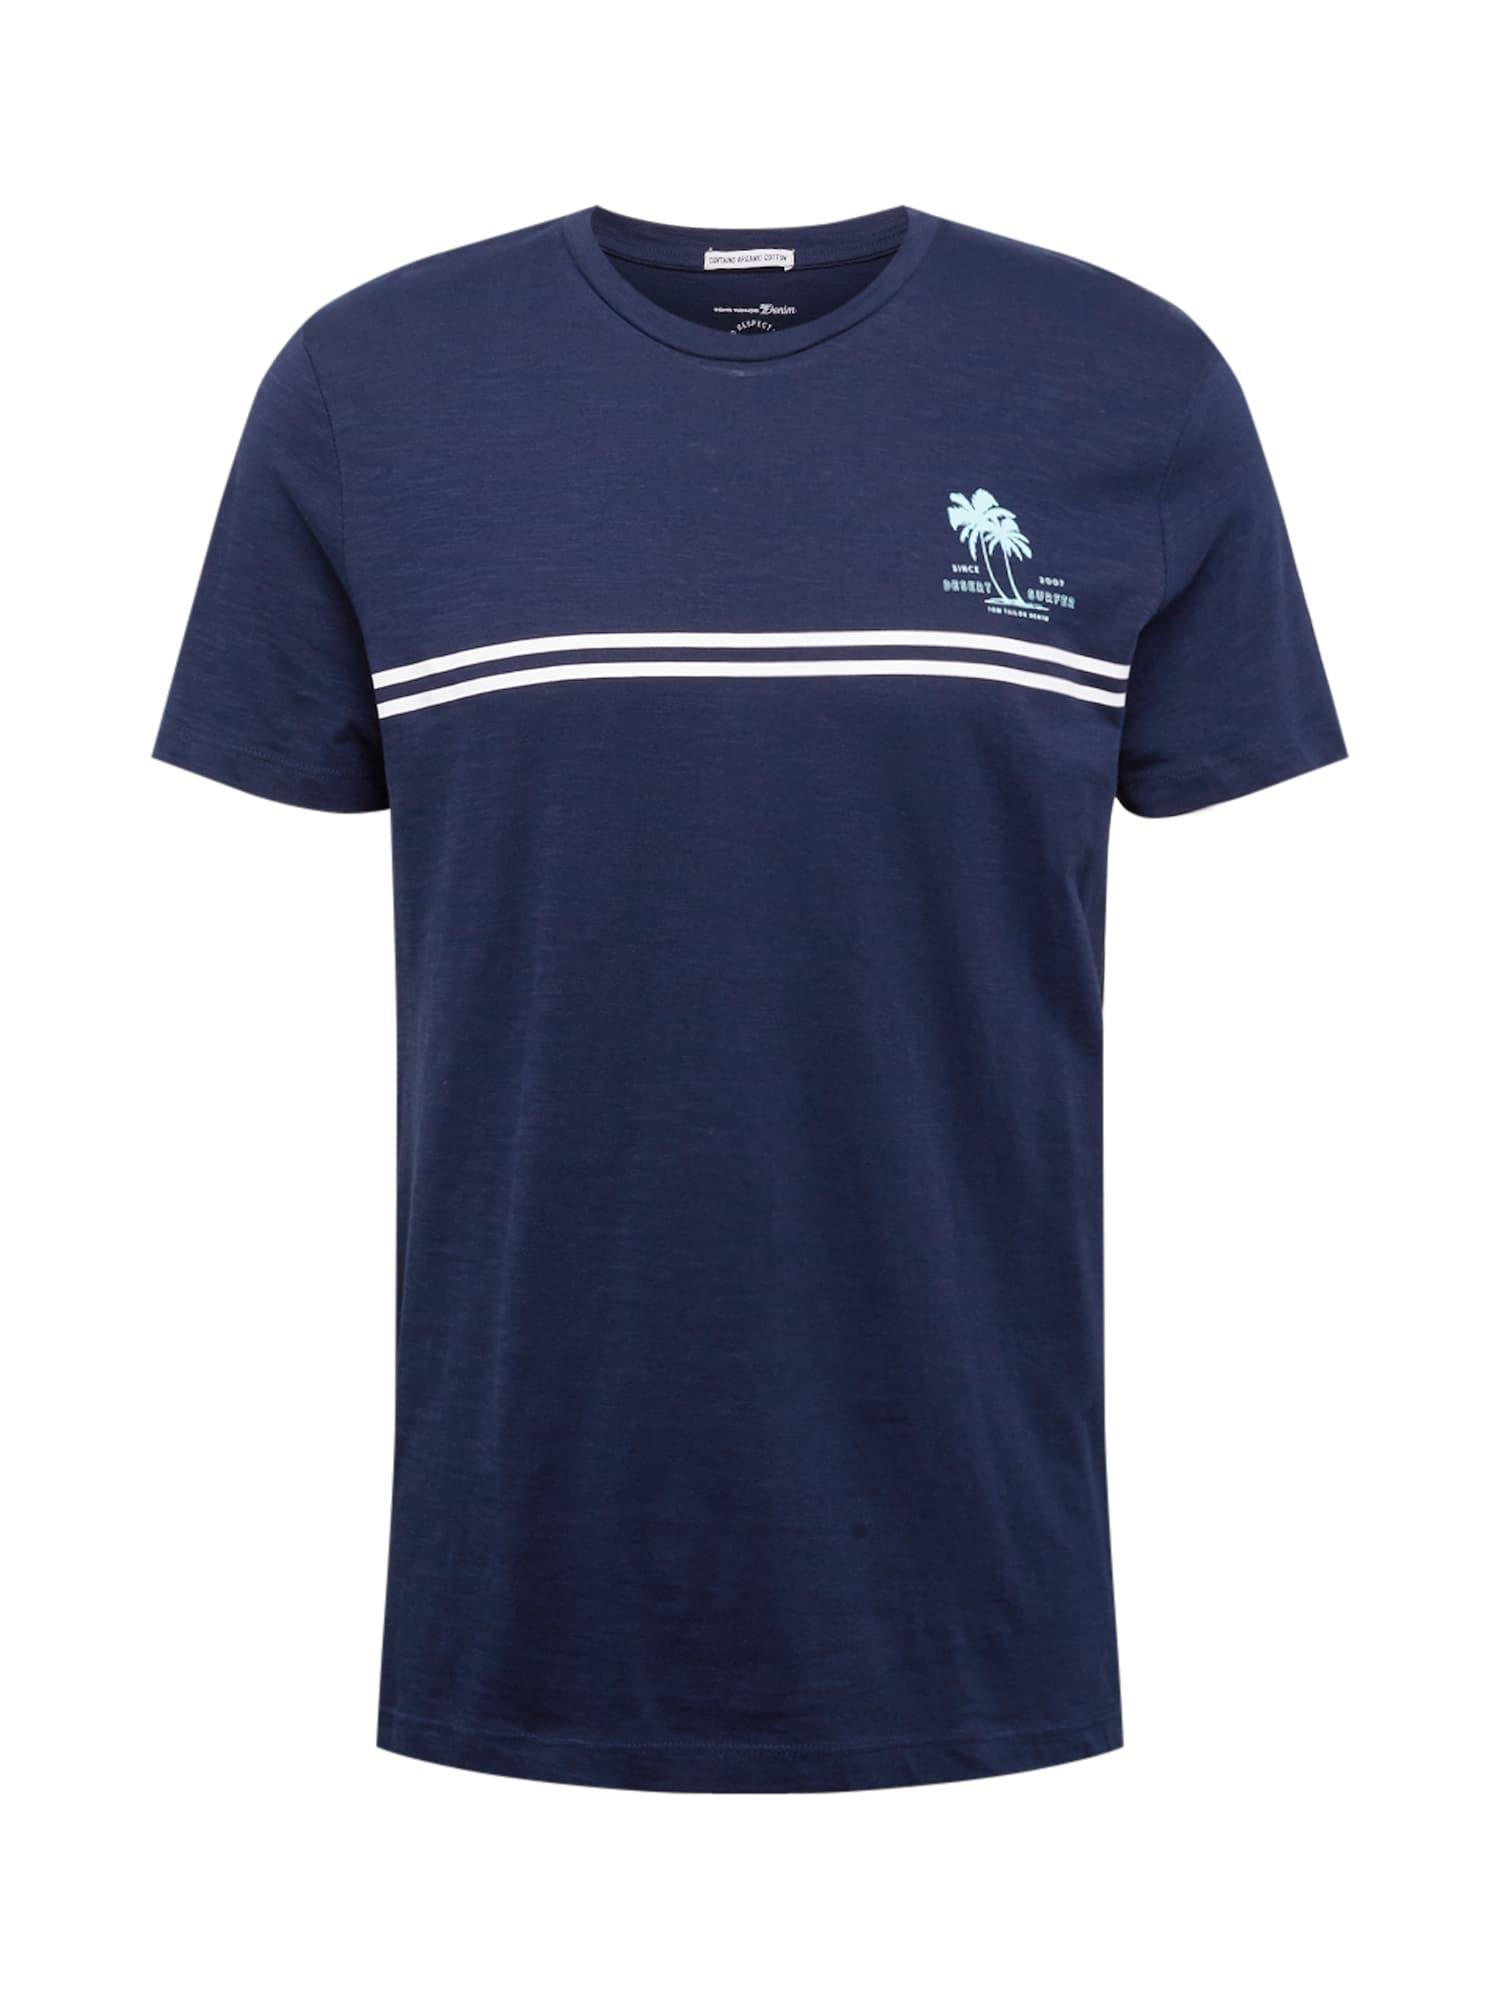 TOM TAILOR DENIM Tričko  modrá / bílá